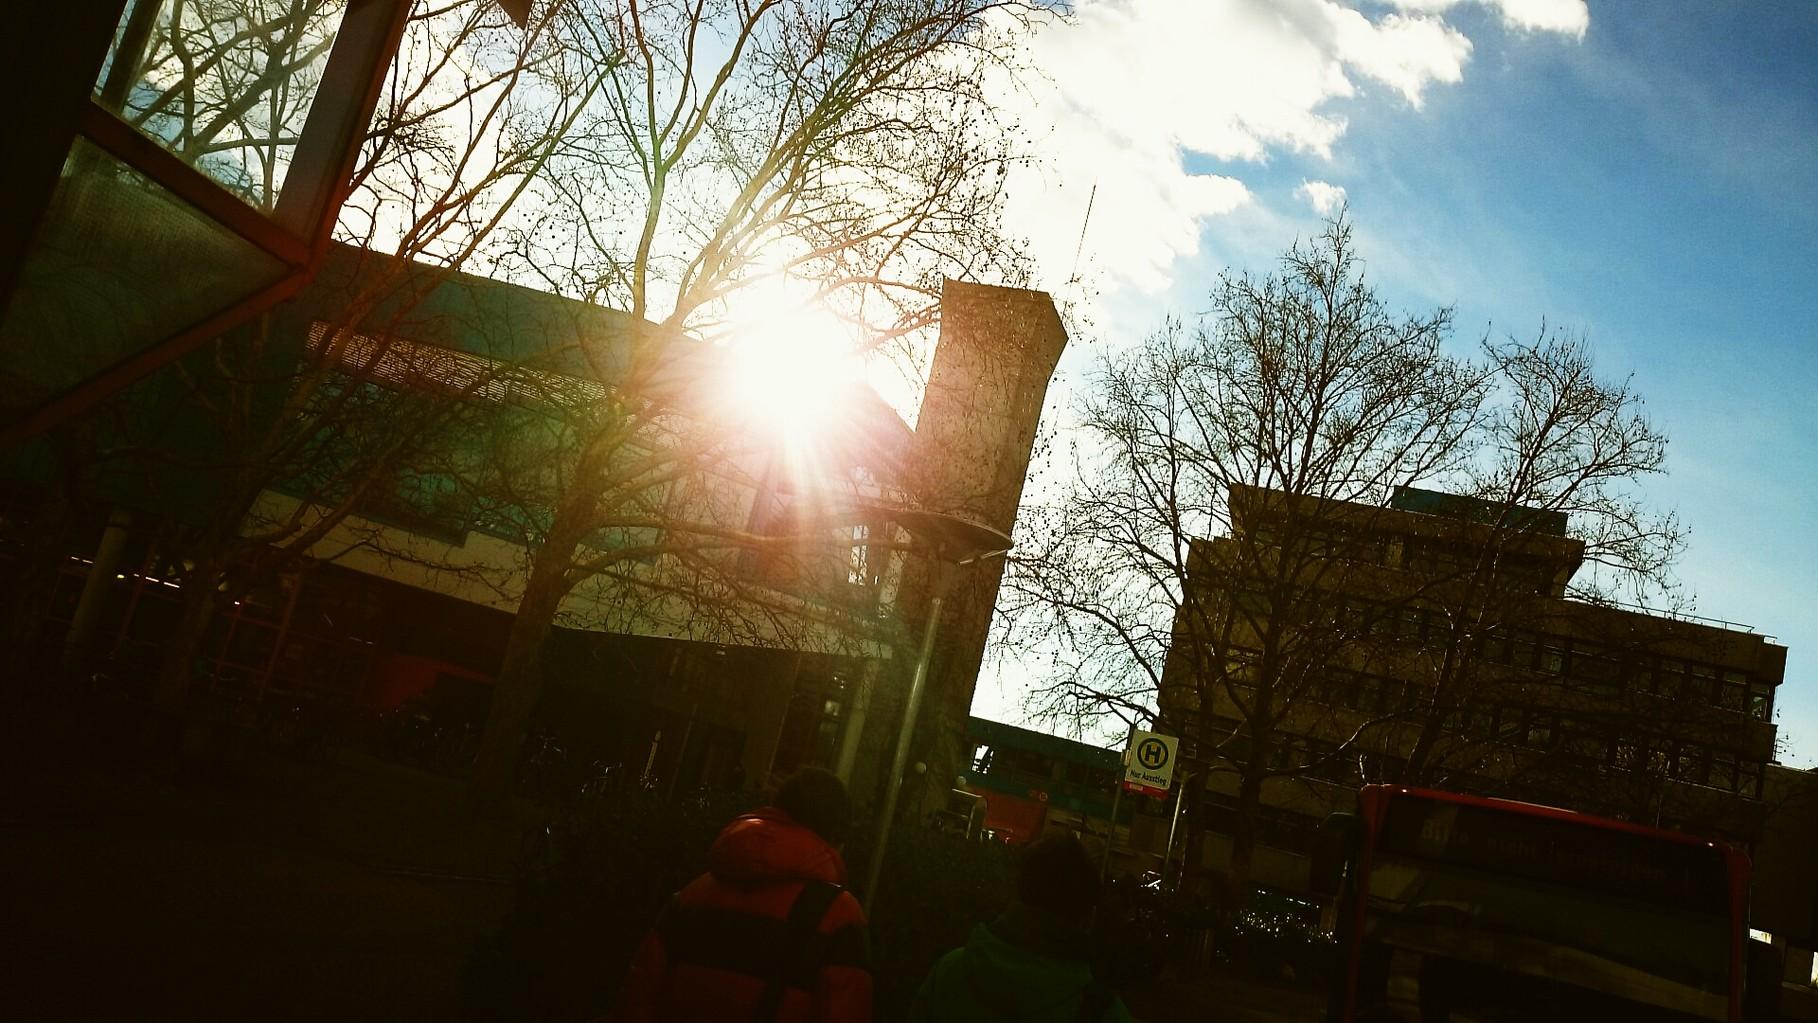 Die Sonne gleißt, aber es ist kalt, kalt wie in meiner Geschichte...